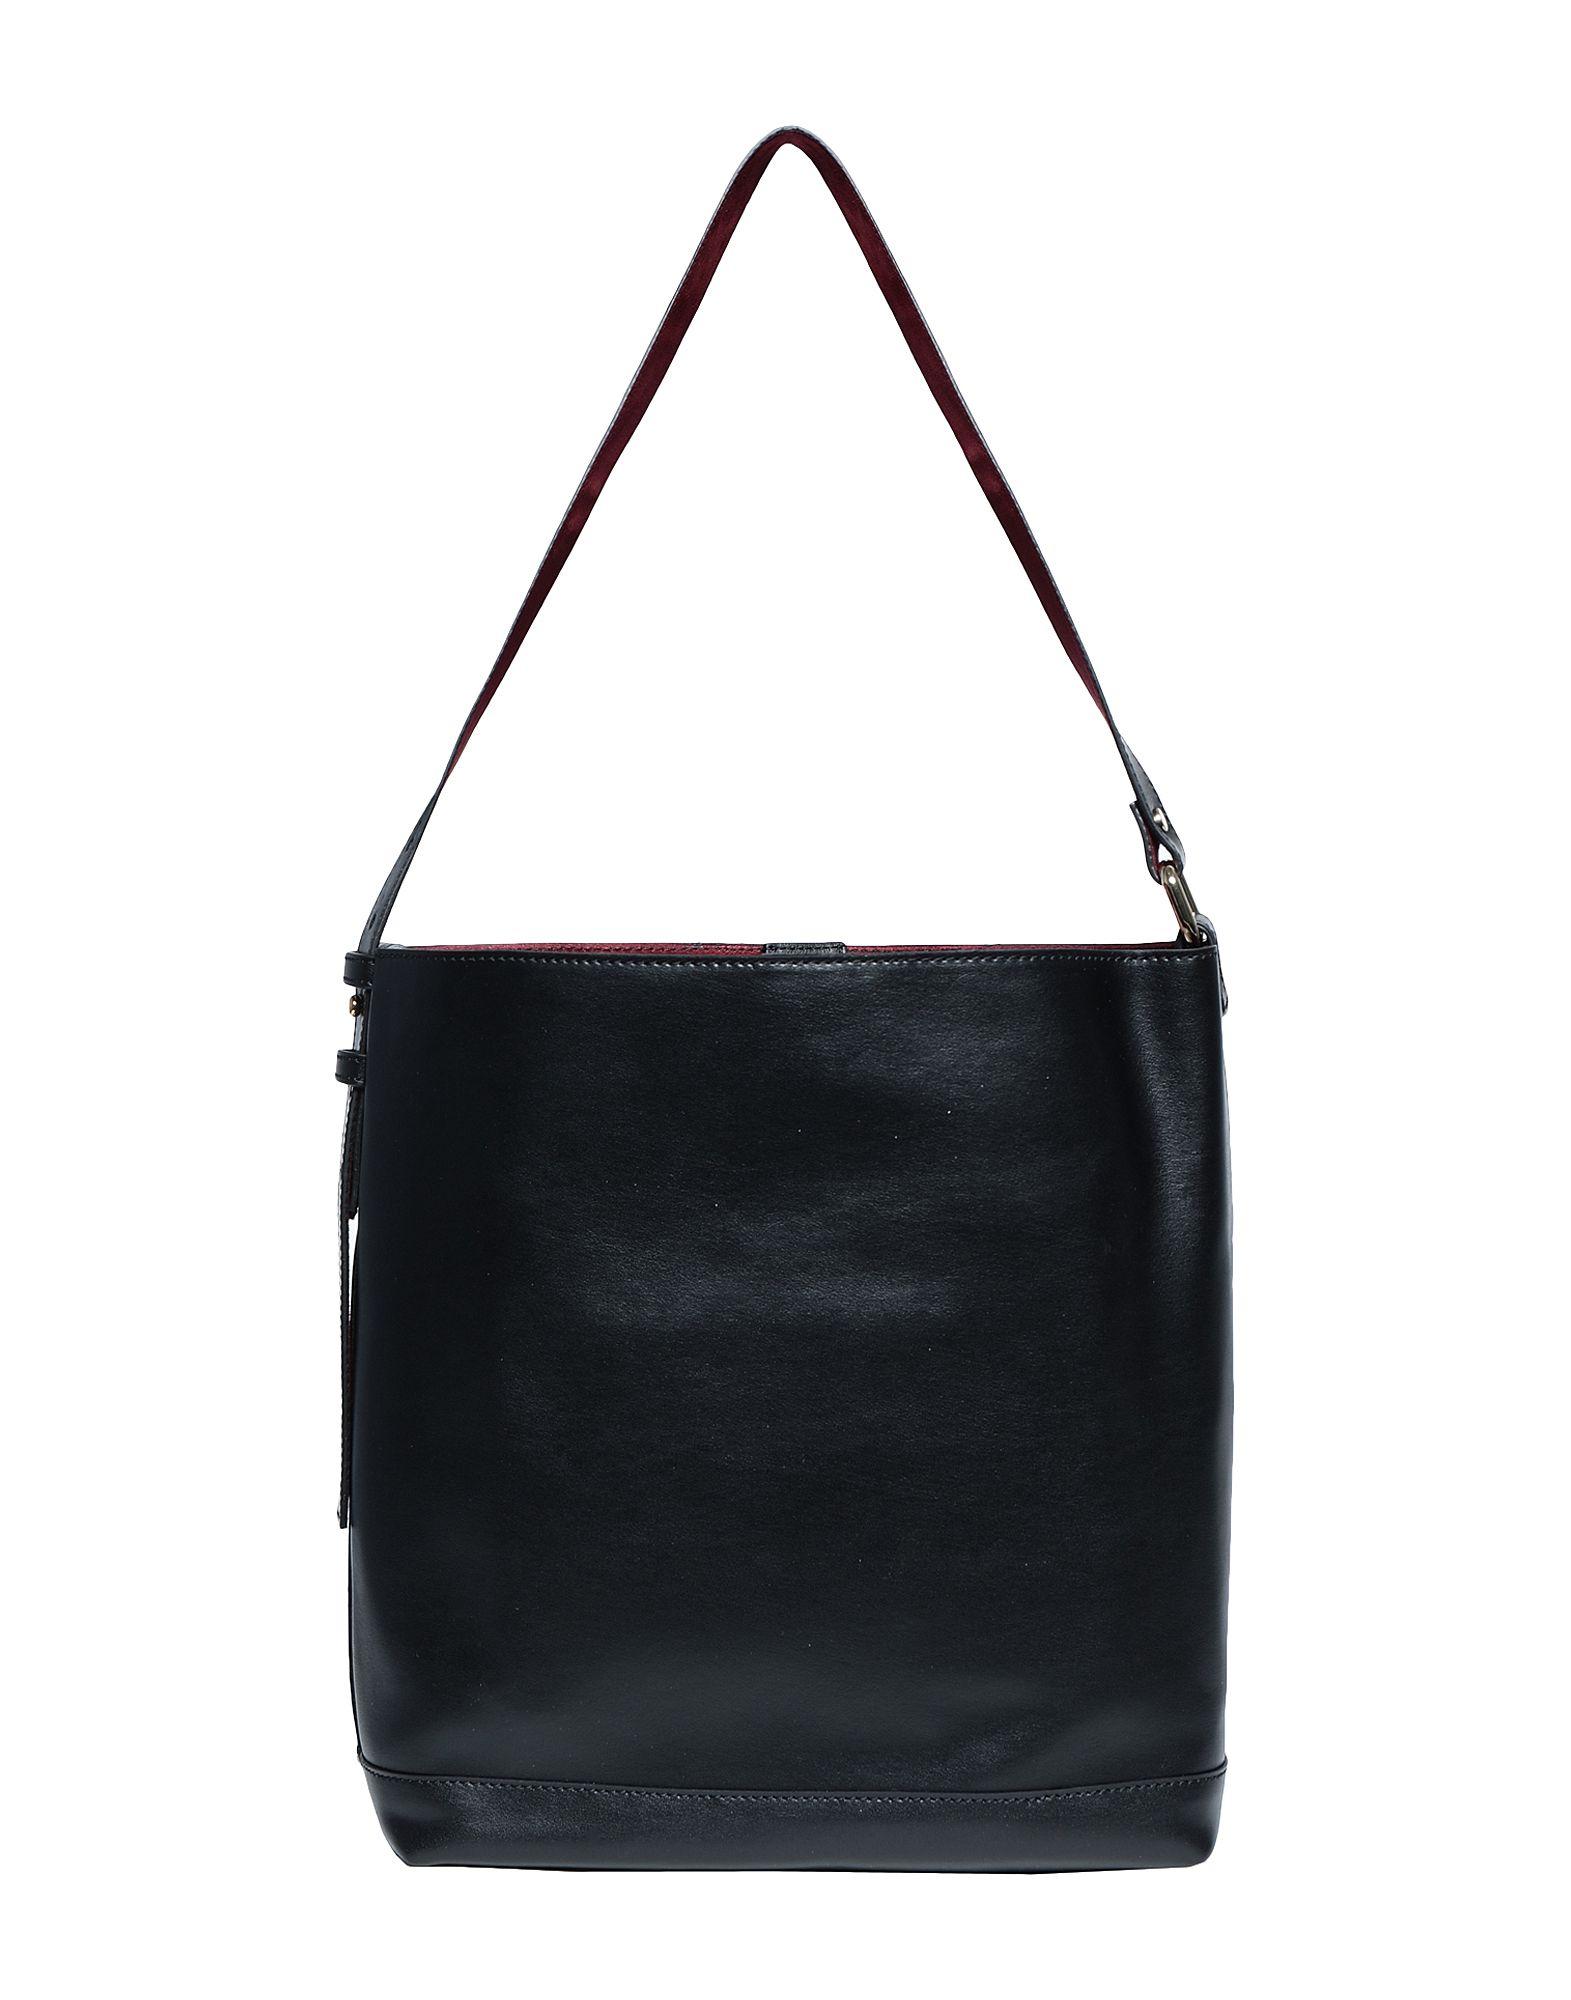 8 by YOOX Сумка на плечо sammons sammons мужской заголовок слой кожи плеча мешок человек сумка досуг сумка 190263 01 черный